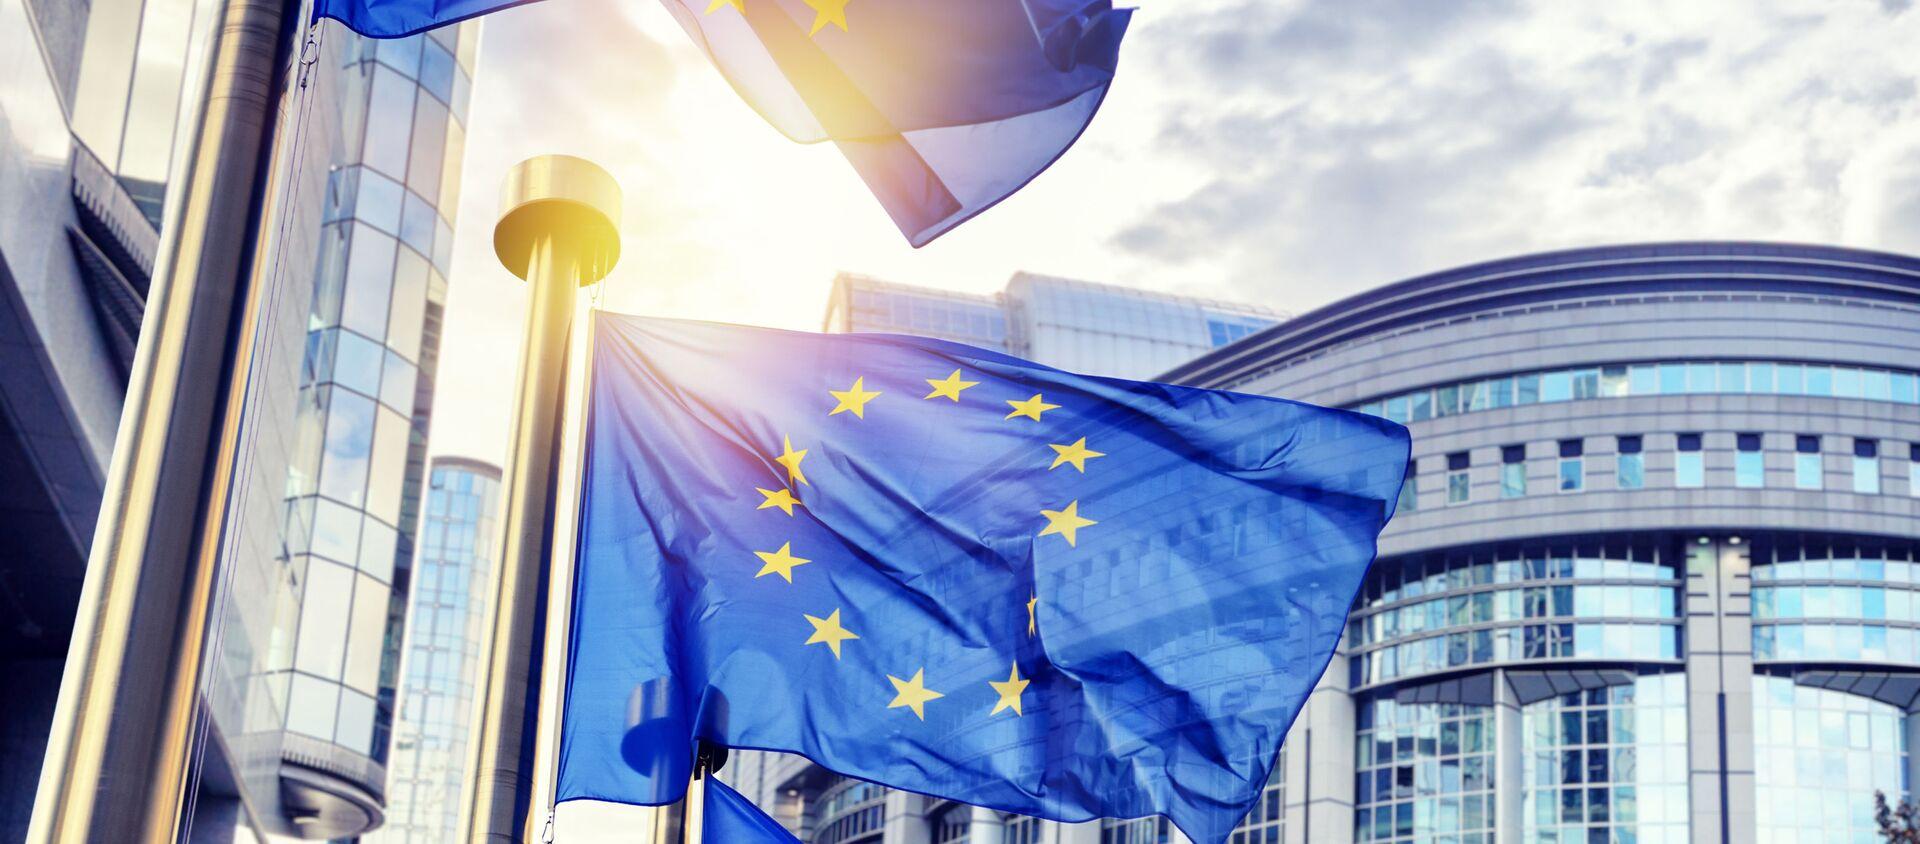 Флаги Евросоюза перед зданием Еврокомиссии в Брюсселе - Sputnik Южная Осетия, 1920, 18.06.2021